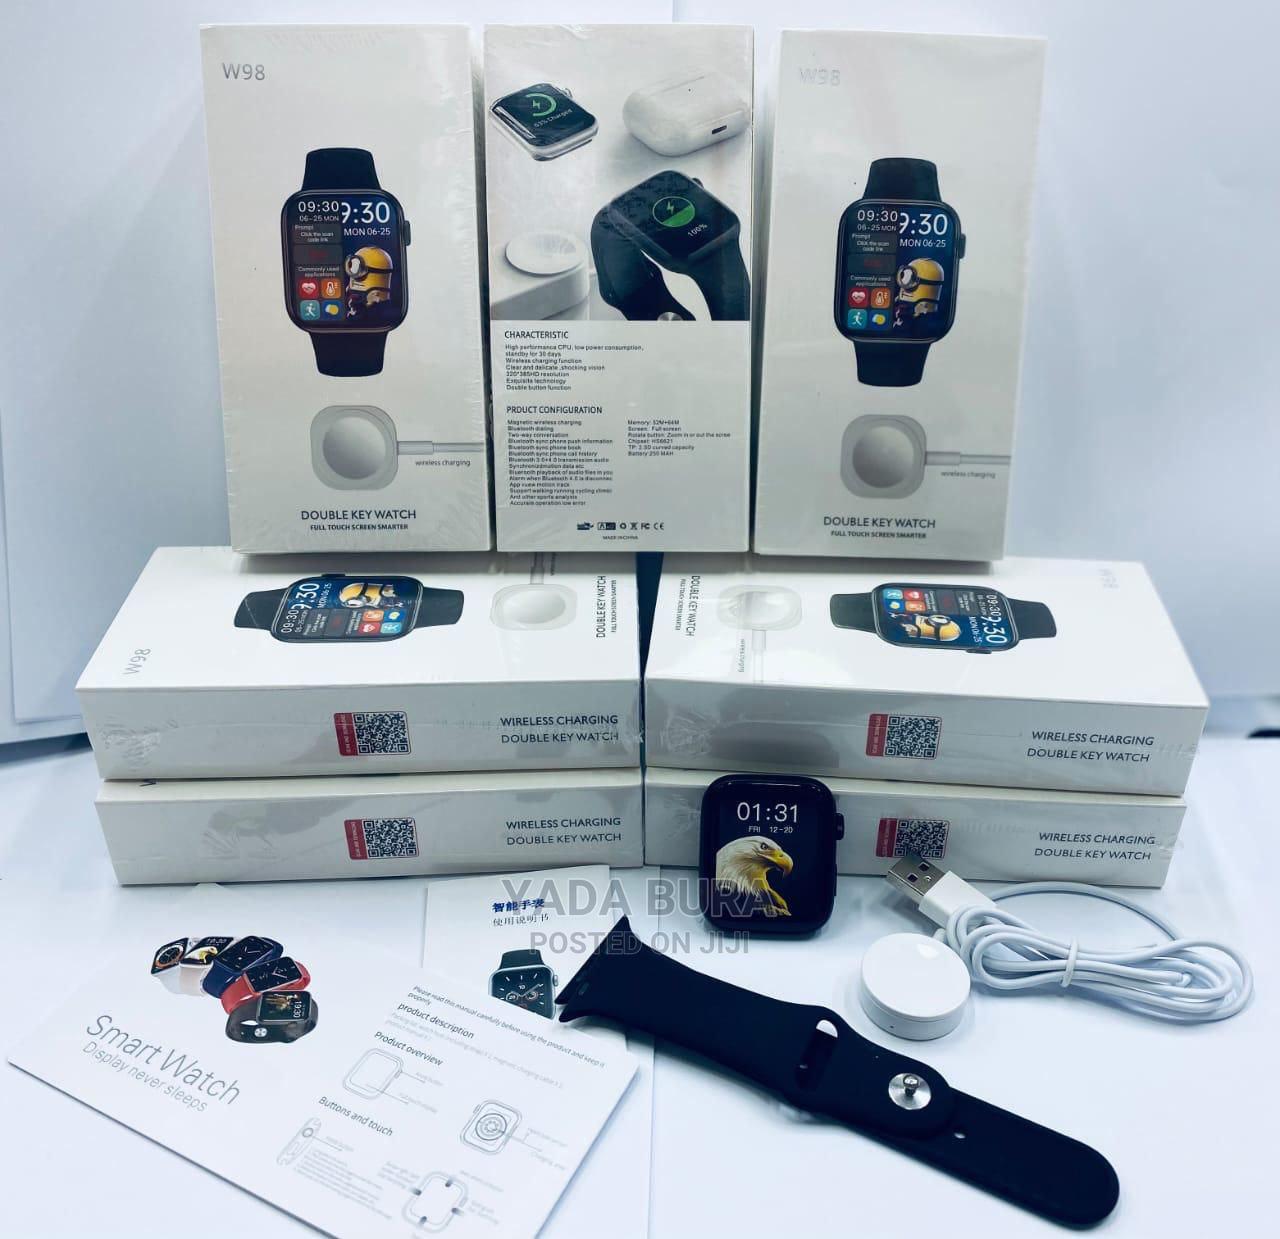 W98 Smart Watch